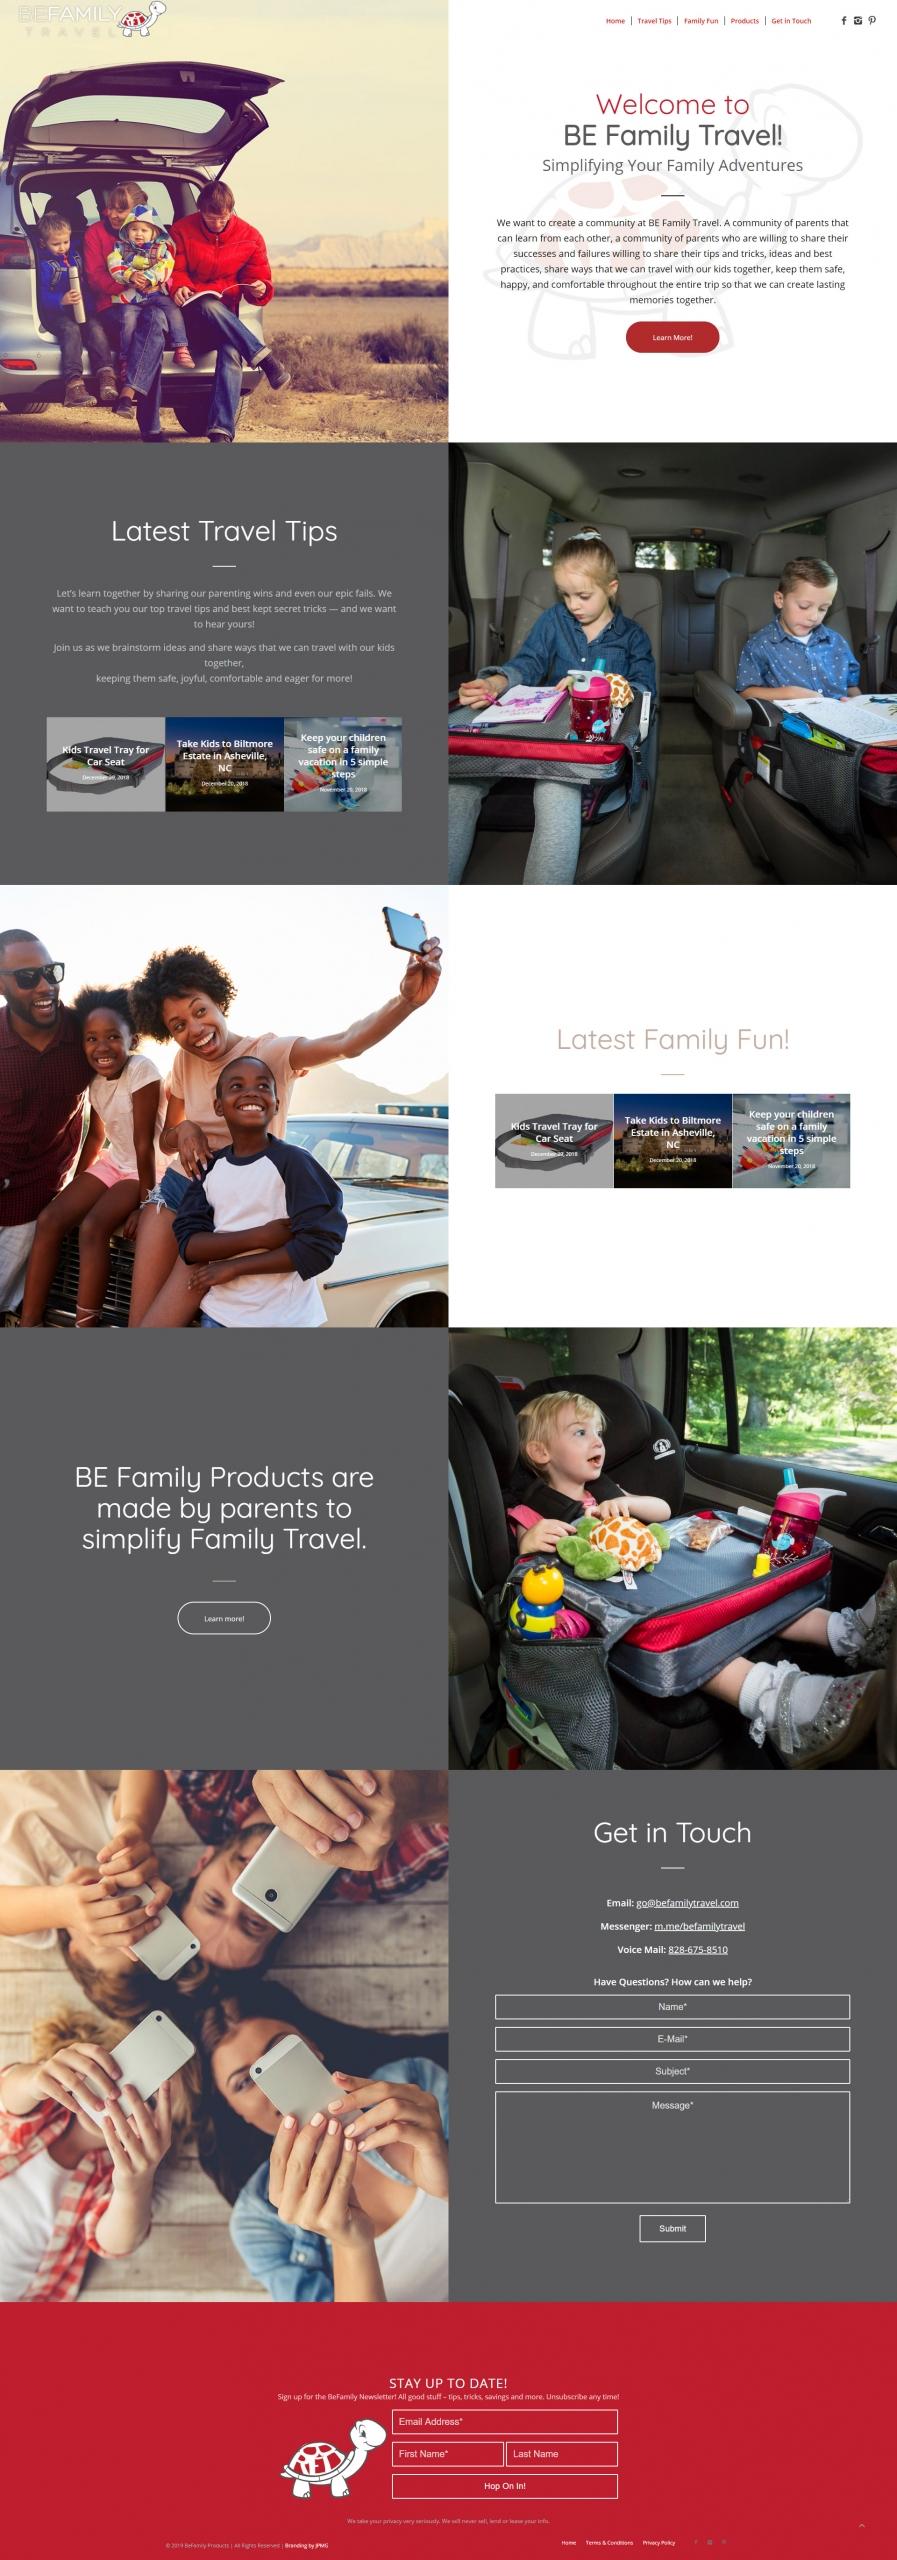 BeFamily Travel Website Design & Development